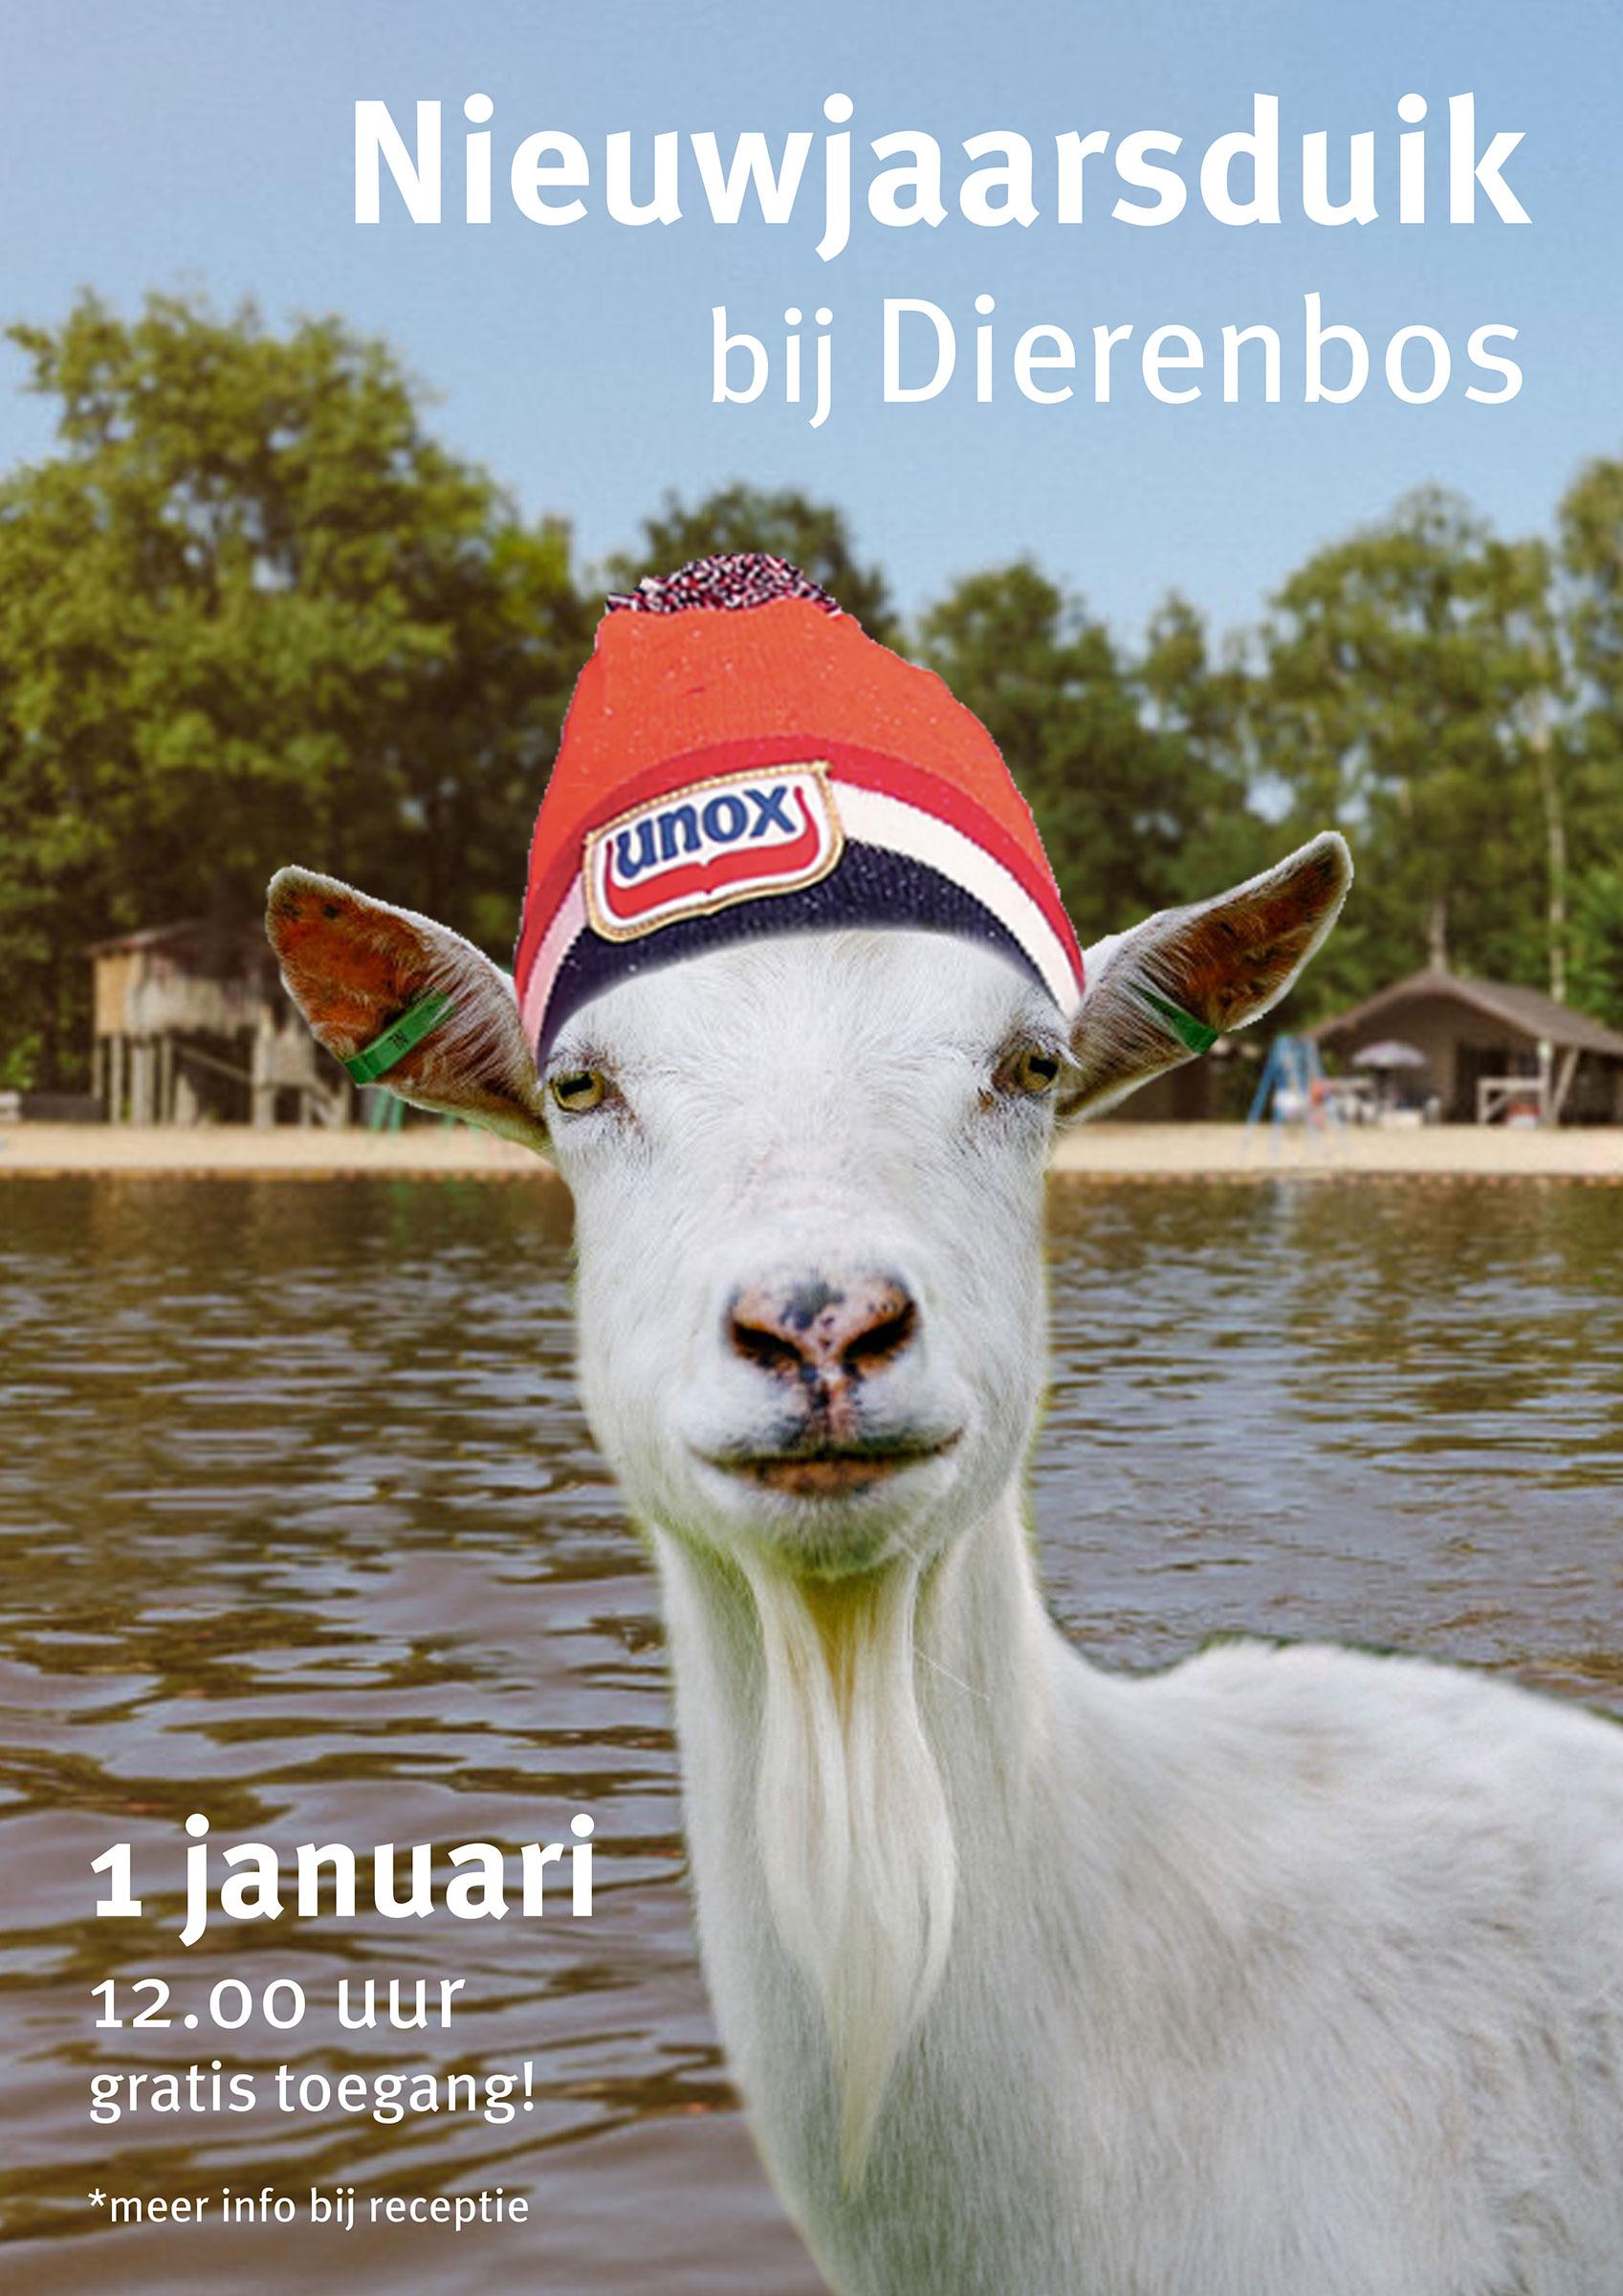 nieuwjaarsduik-poster-vakantiepark-dierenbos.jpg